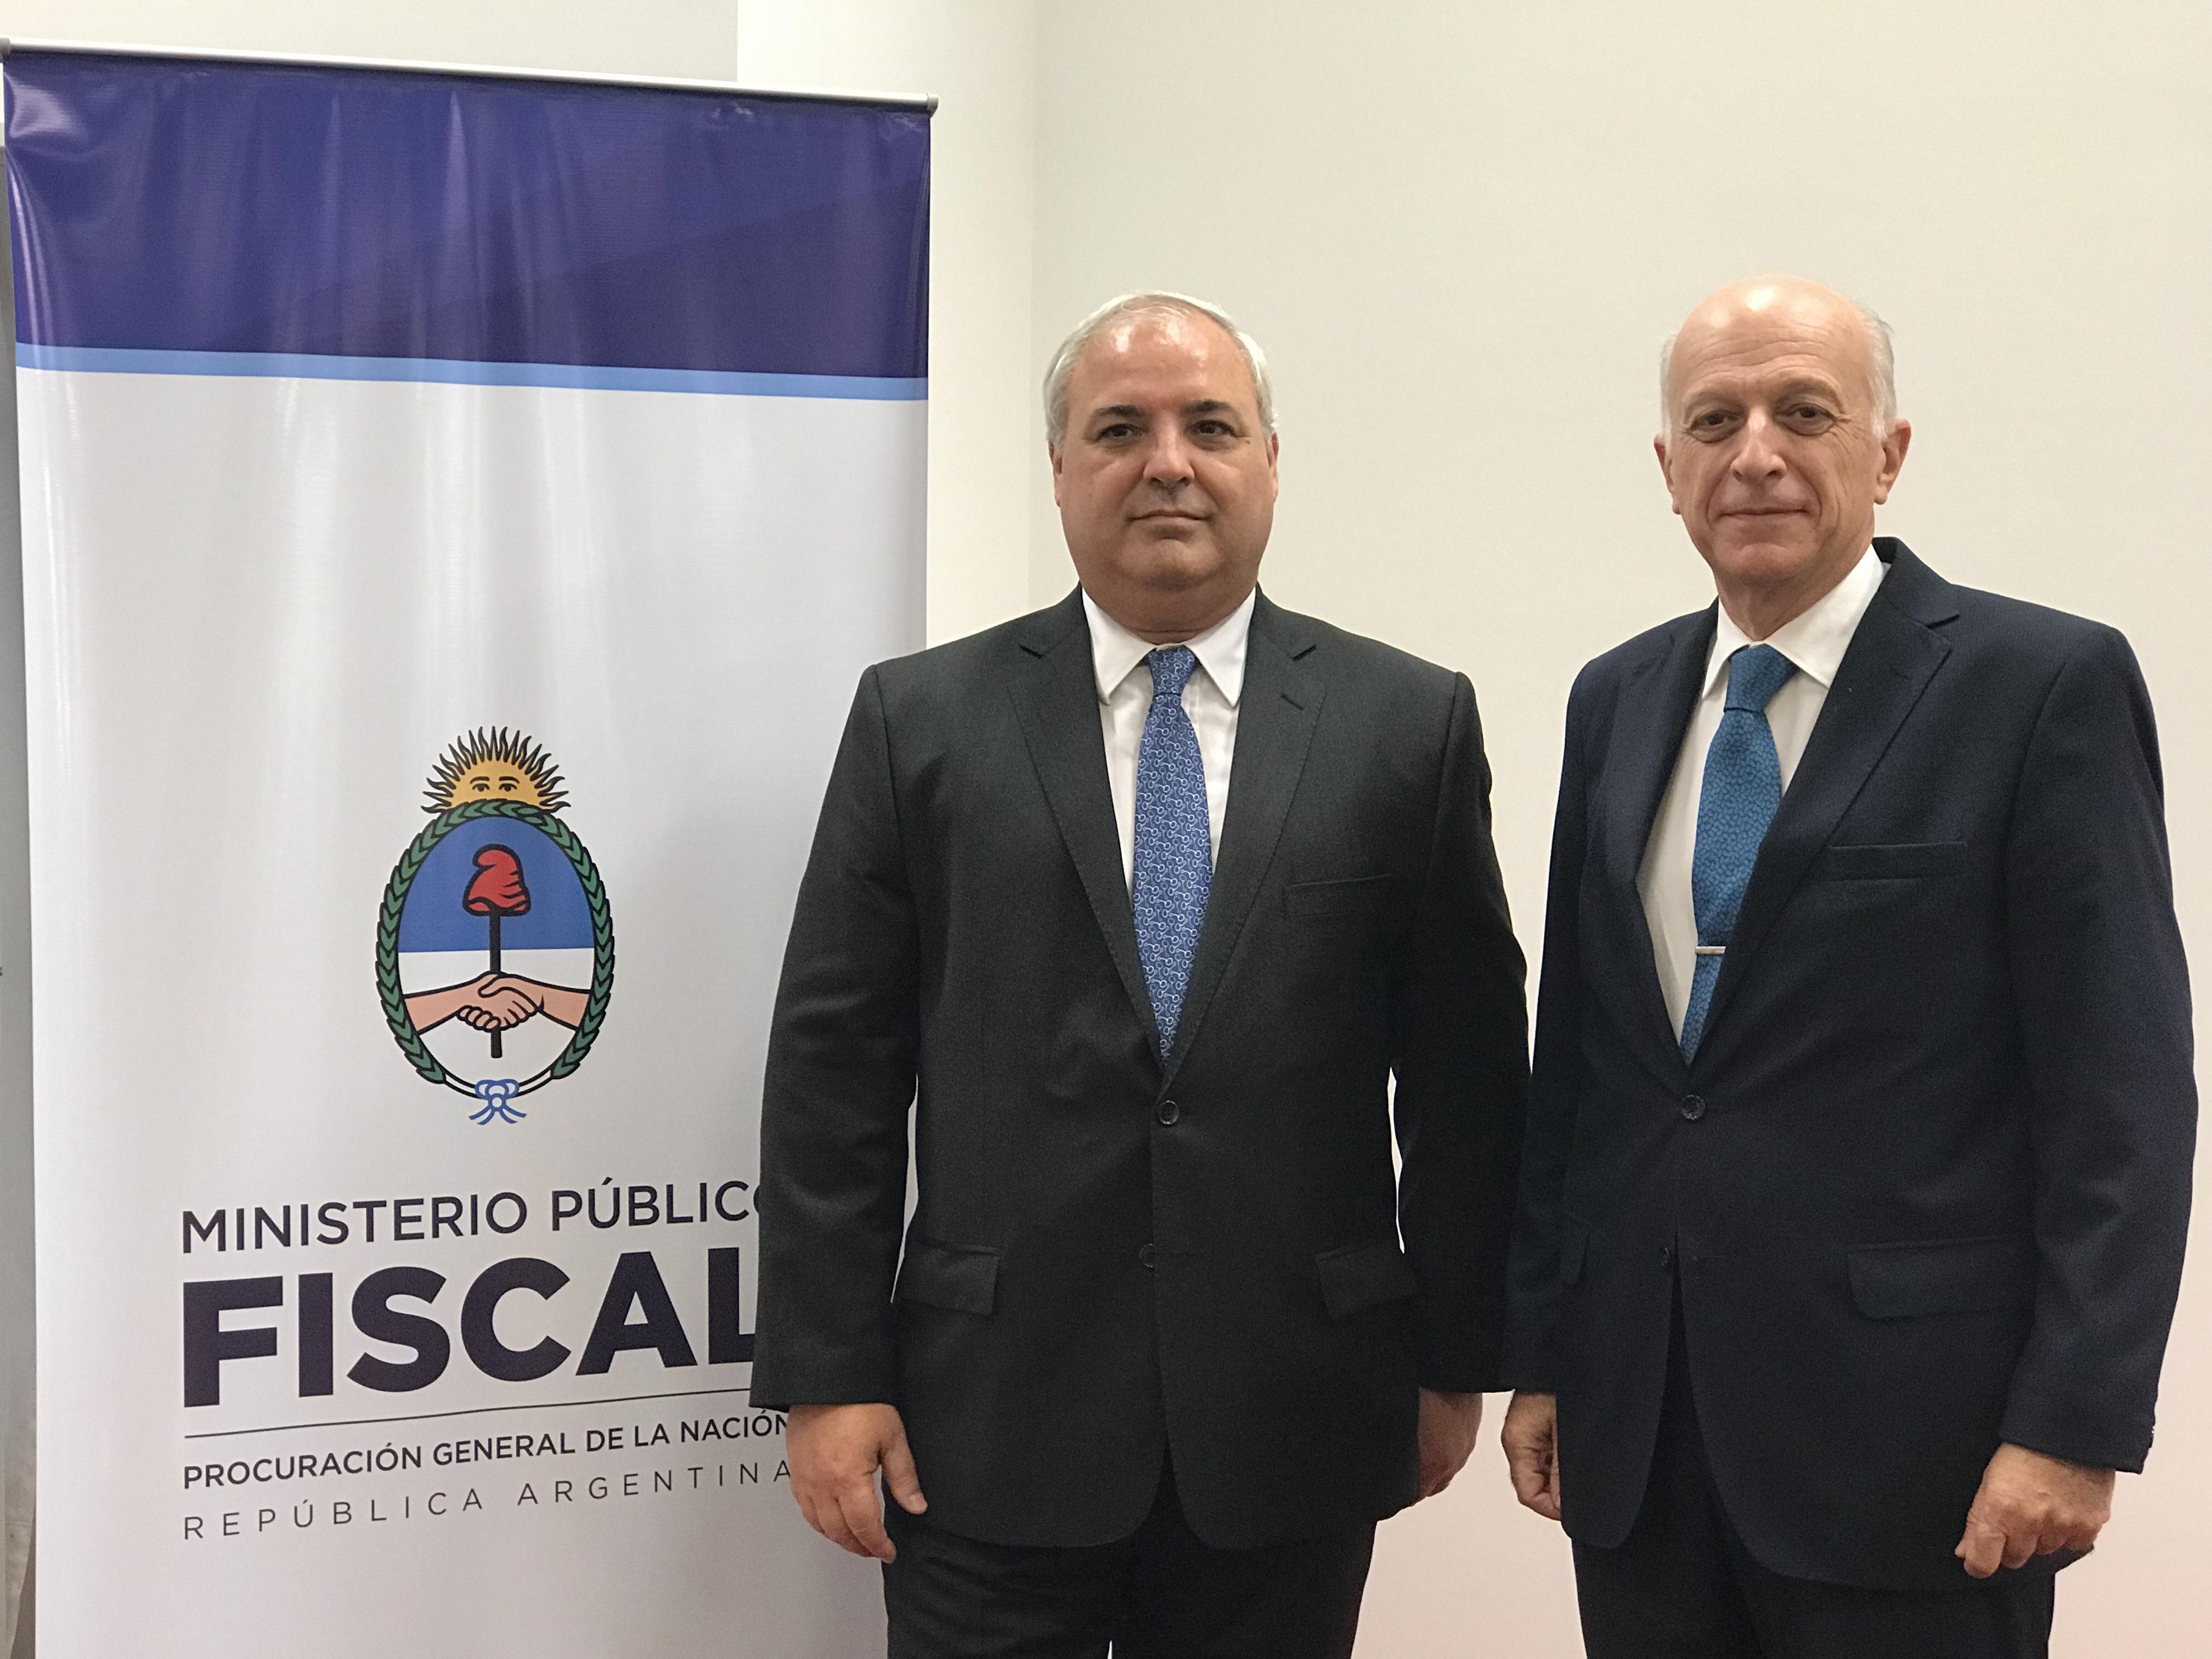 Asumió su cargo un nuevo fiscal general | Fiscales.gob.ar